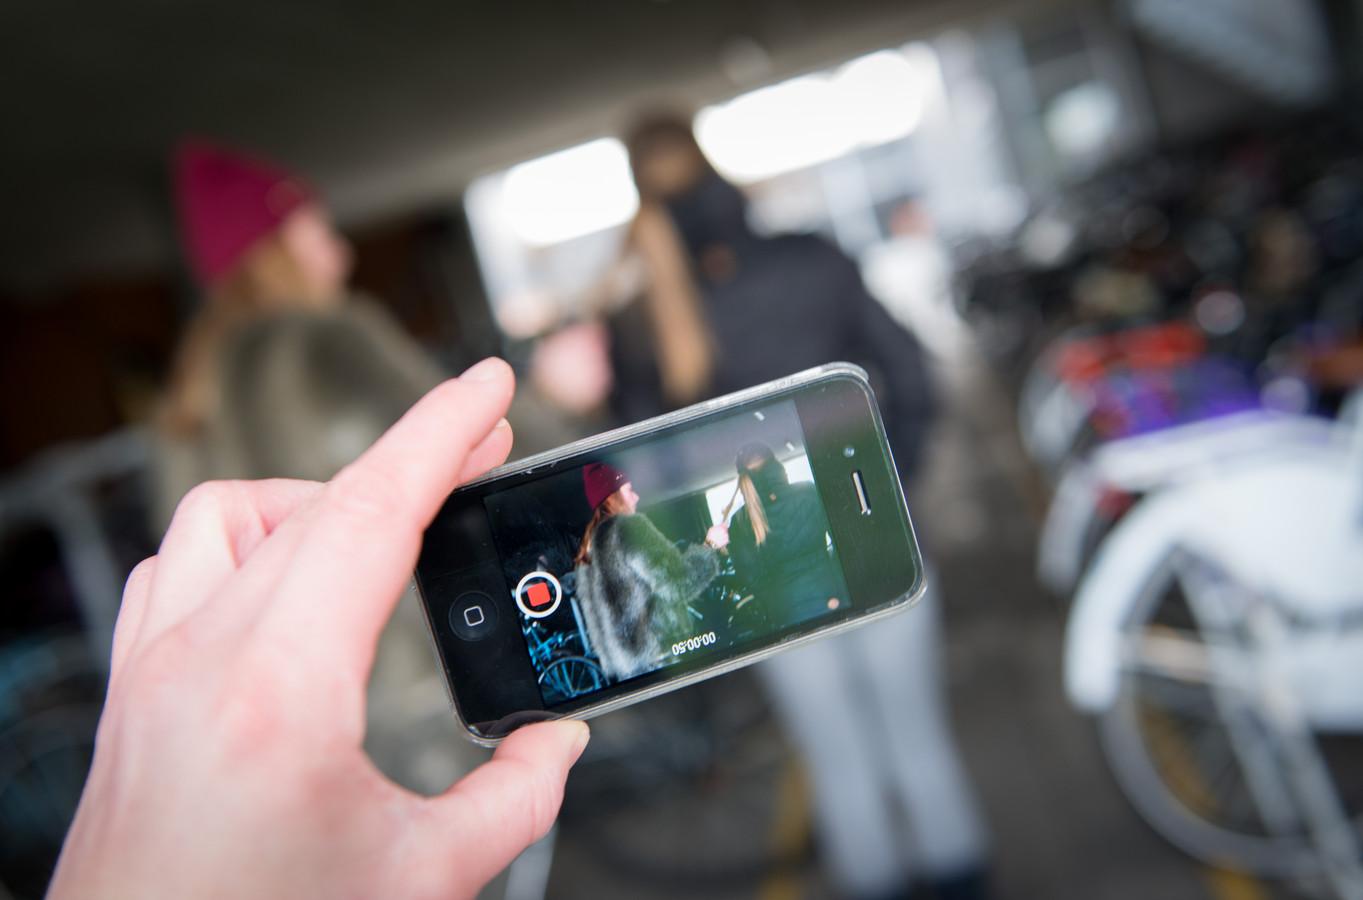 Een Helmondse beveiliger filmde vrouwen en meisjes van achteren omdat hij hen wilde waarschuwen voor mogelijk gevaar, zei hij.